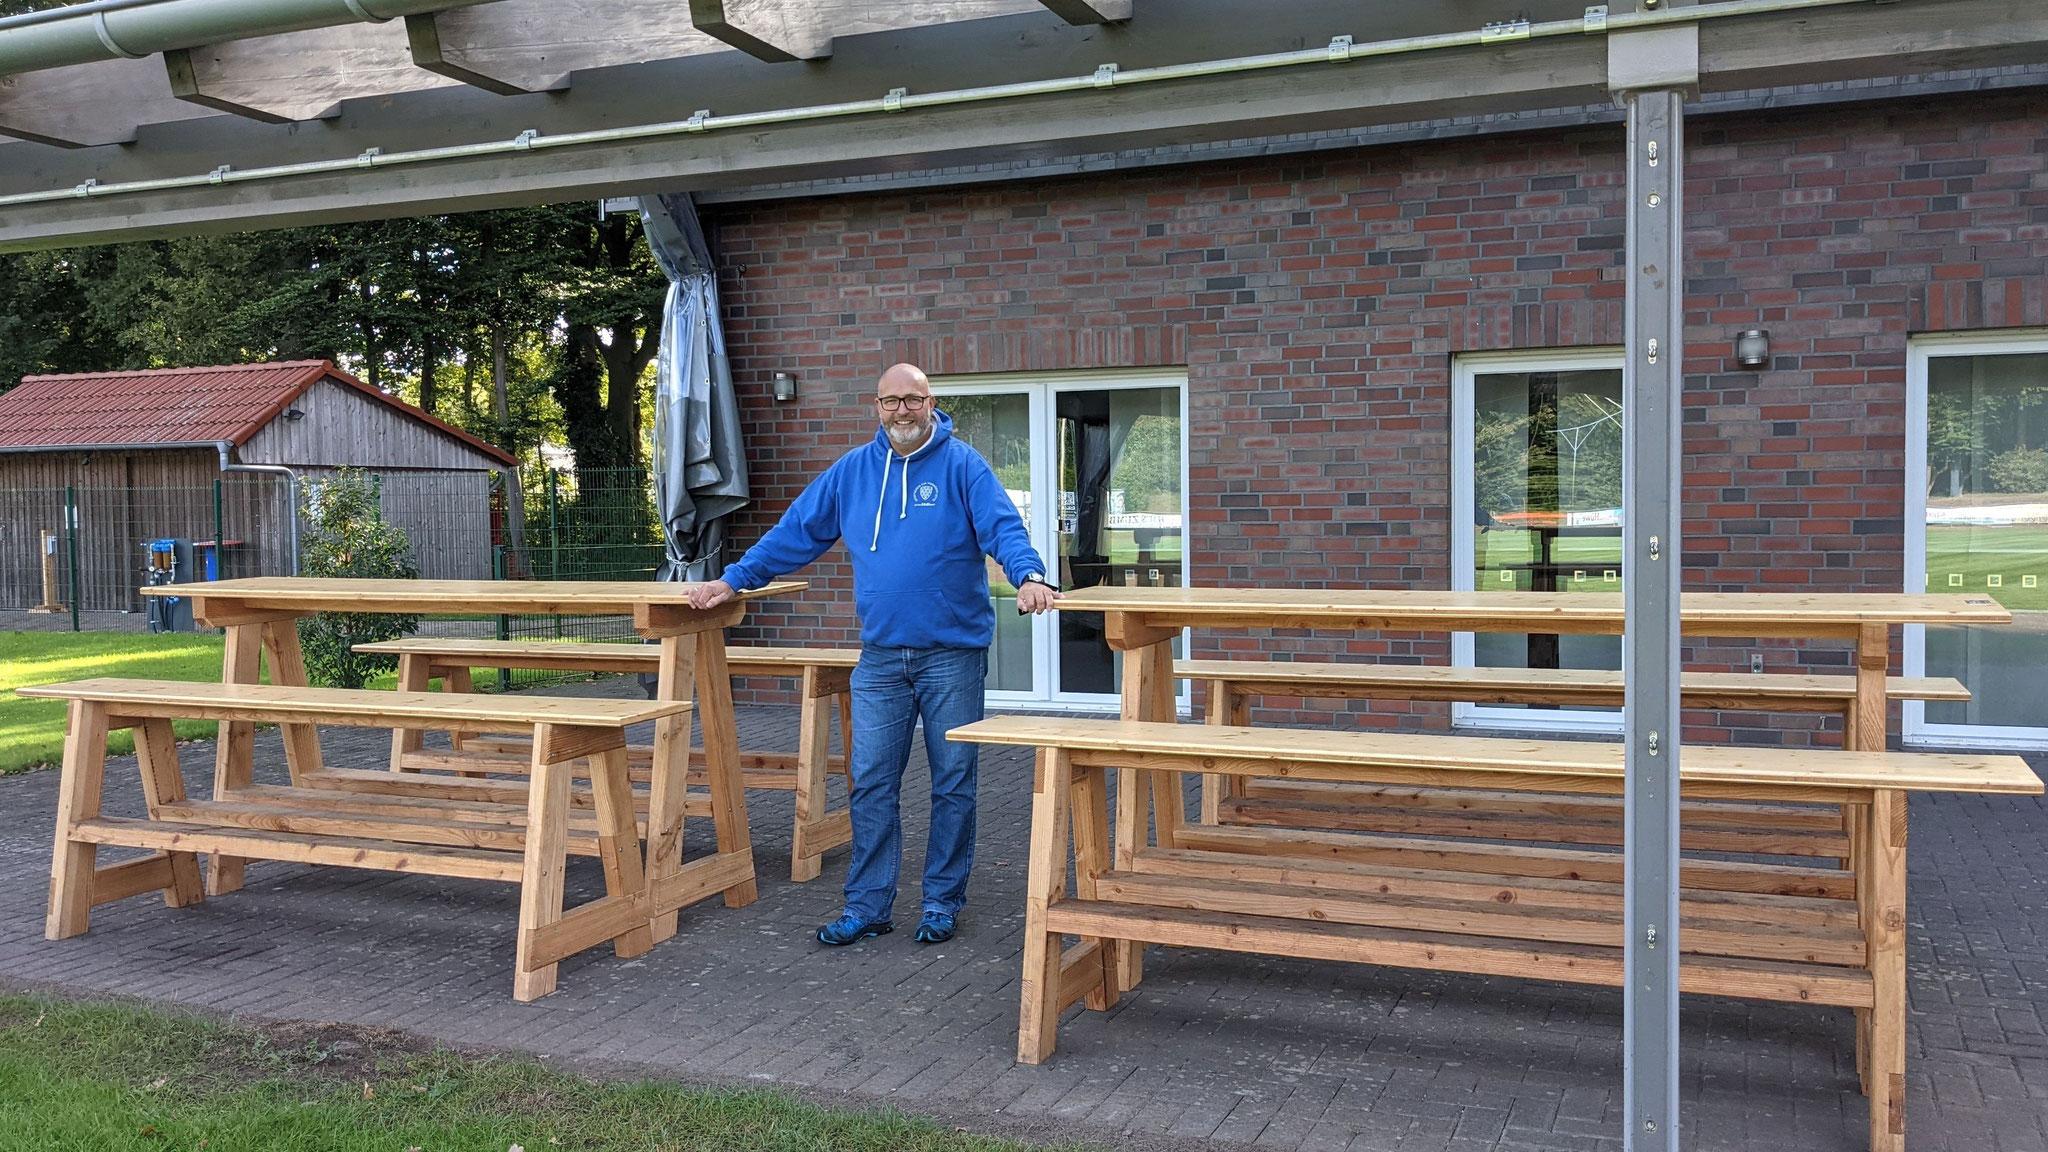 Mit mobilen Sitzgelegenheiten und einer Outdoor-Tischtennisplatte hat die DJK Vorwärts Lette e.V.  das Angebot zum Verweilen erweitert. Foto: DJK Vorwärts Lette e.V.